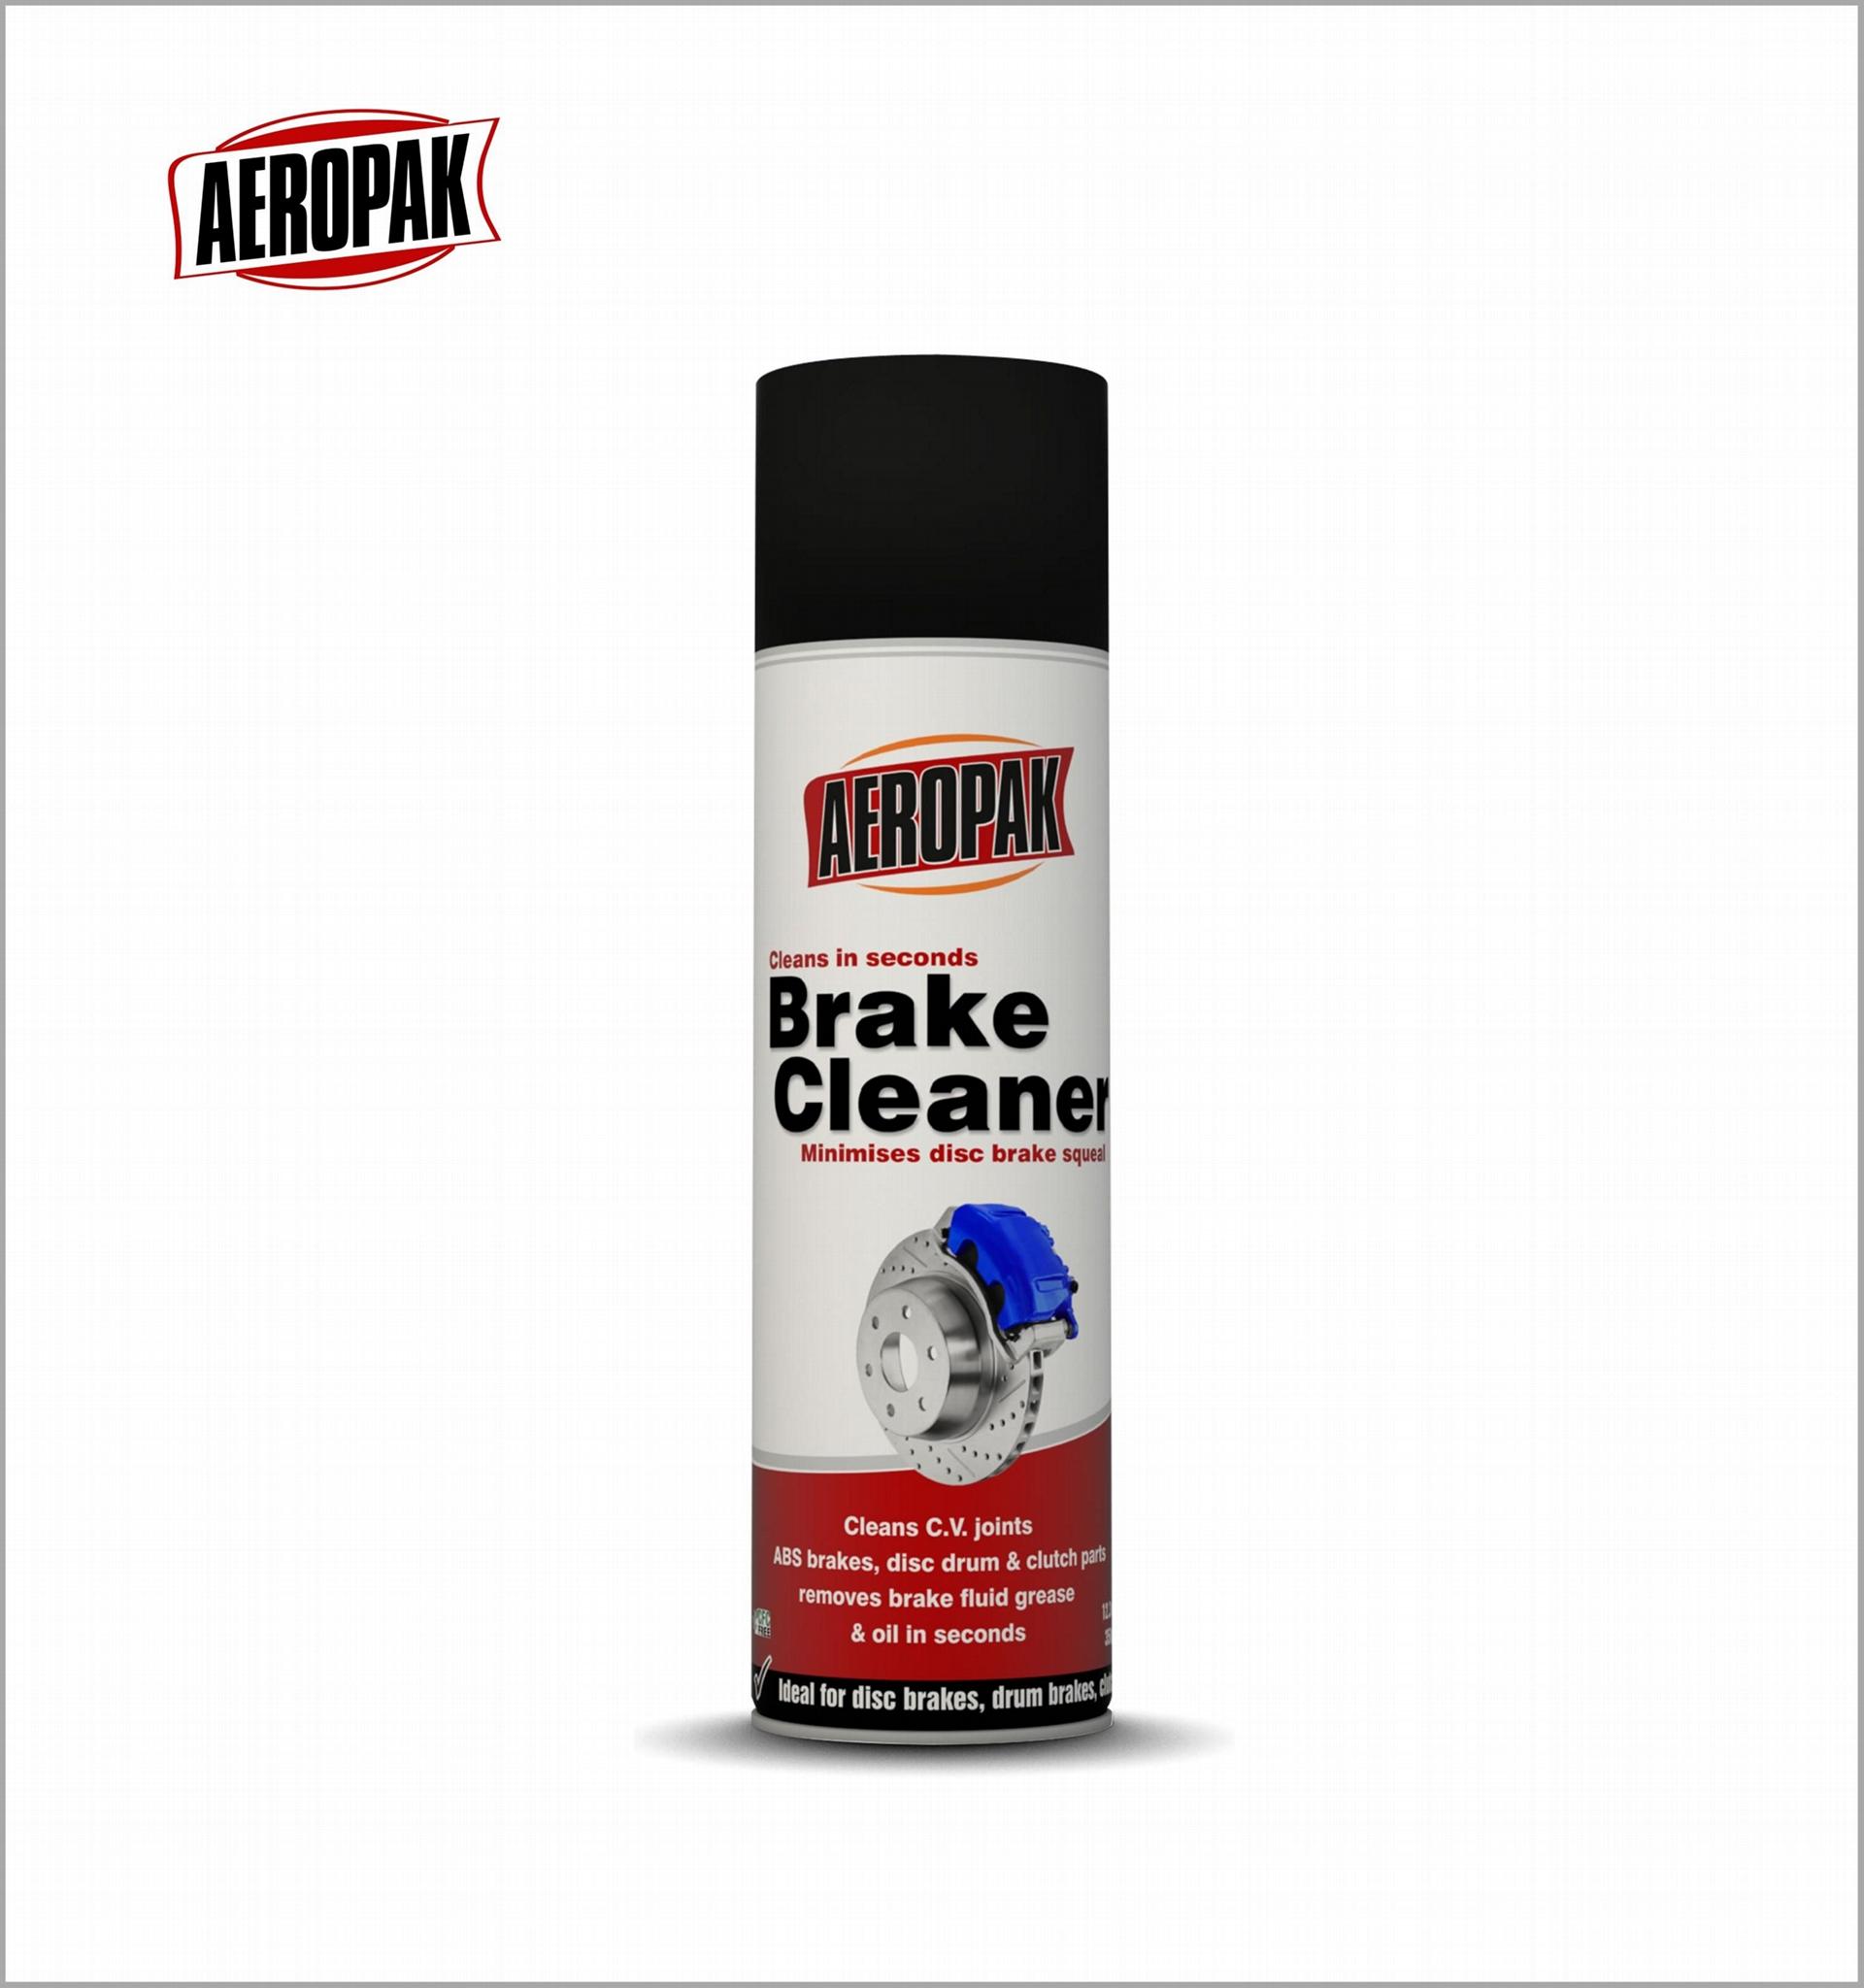 AEROPAK High Efficiency Aerosol Brake Cleaner 1